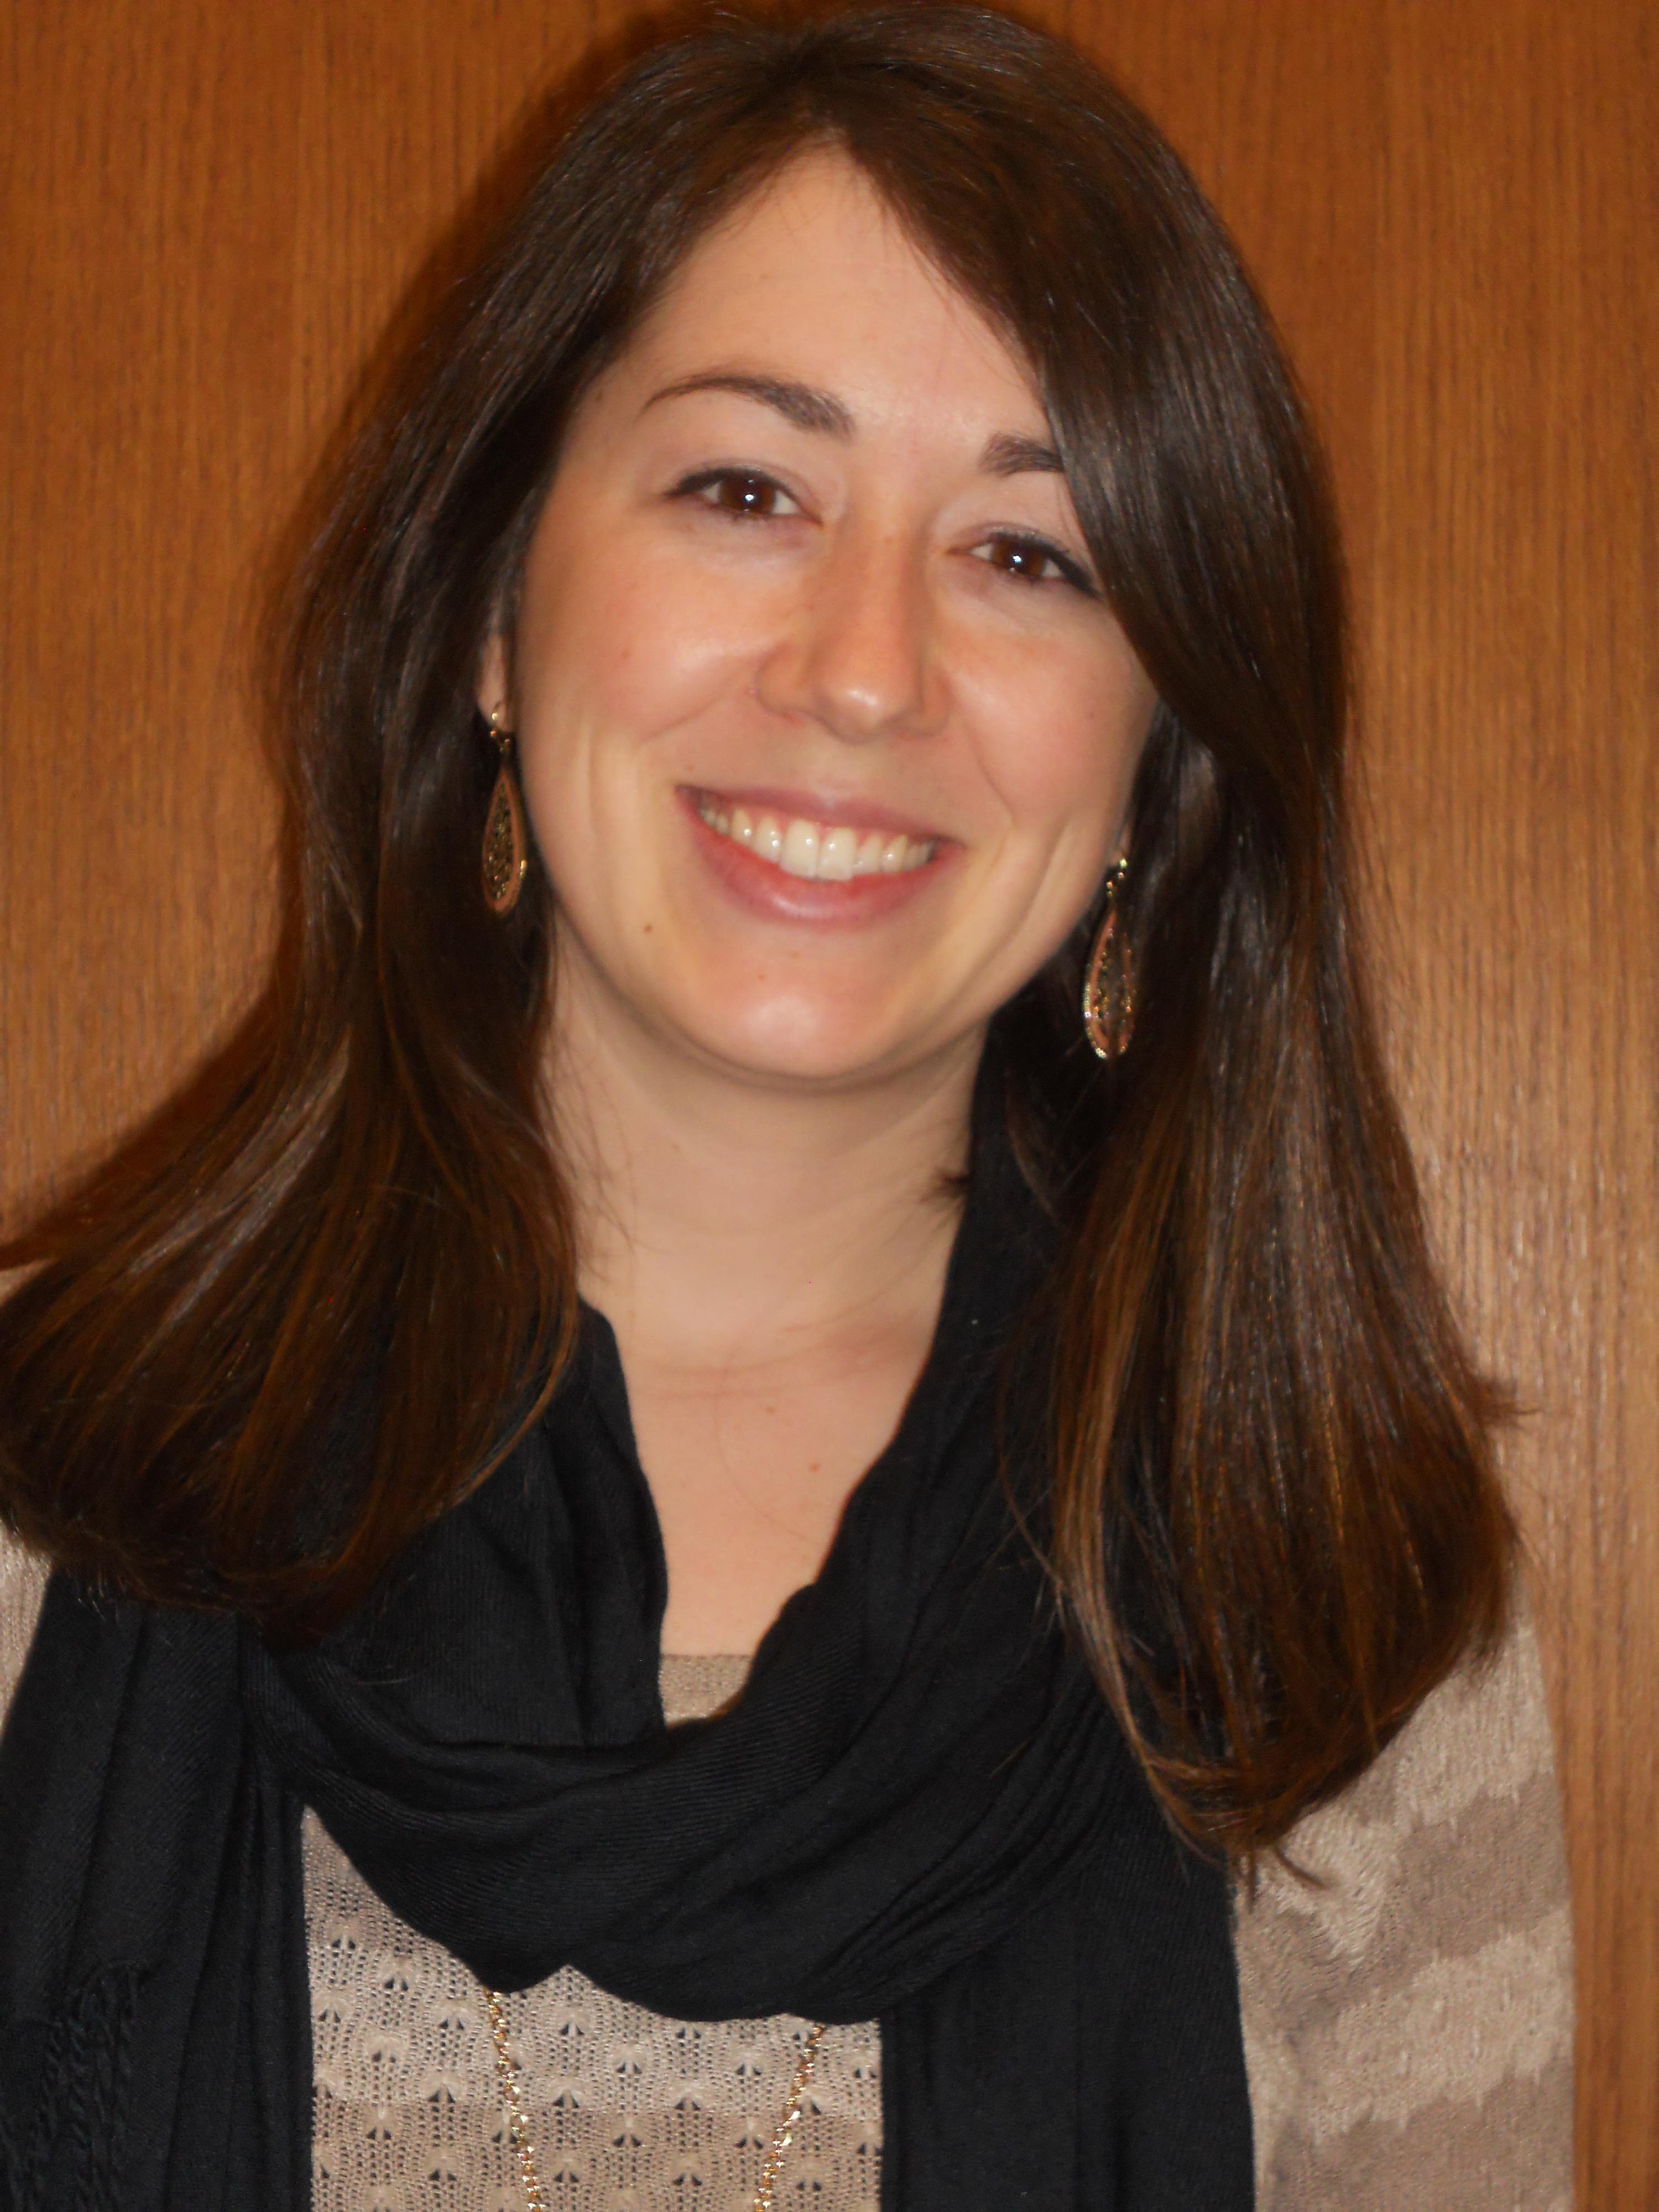 Alecia Levy